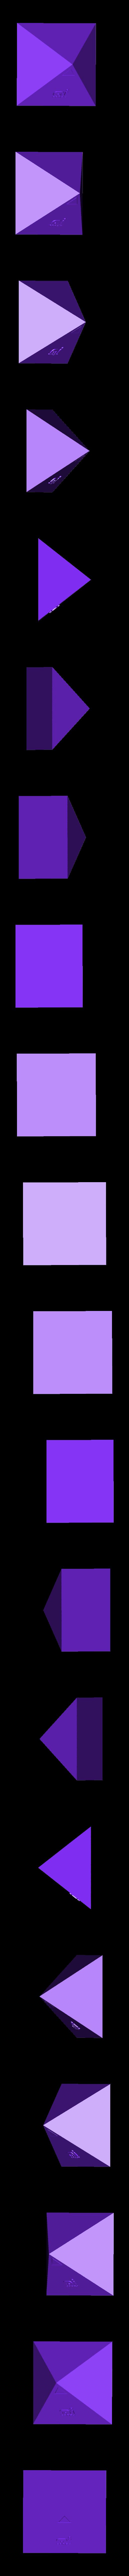 Me_1.stl Descargar archivo STL gratis Piramide energética #1 • Objeto para impresora 3D, miguelonmex